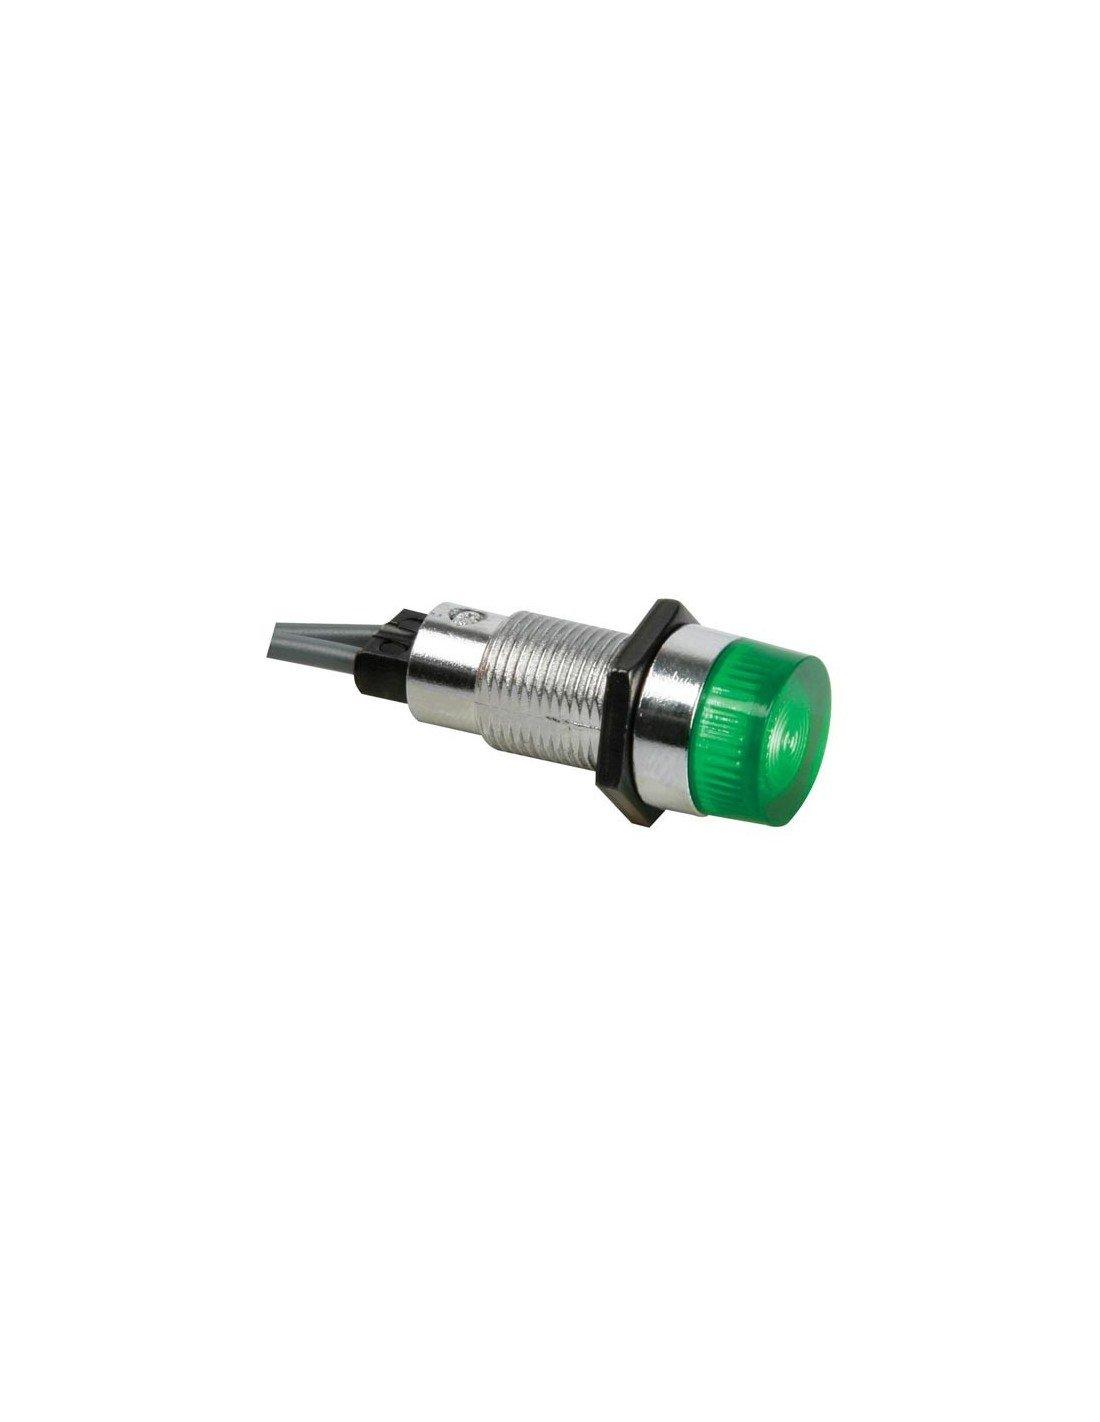 VS Electronic 124015 Signalleuchte, 13 mm, 12 VDC, Grü n VS Electronic Vertriebs GmbH